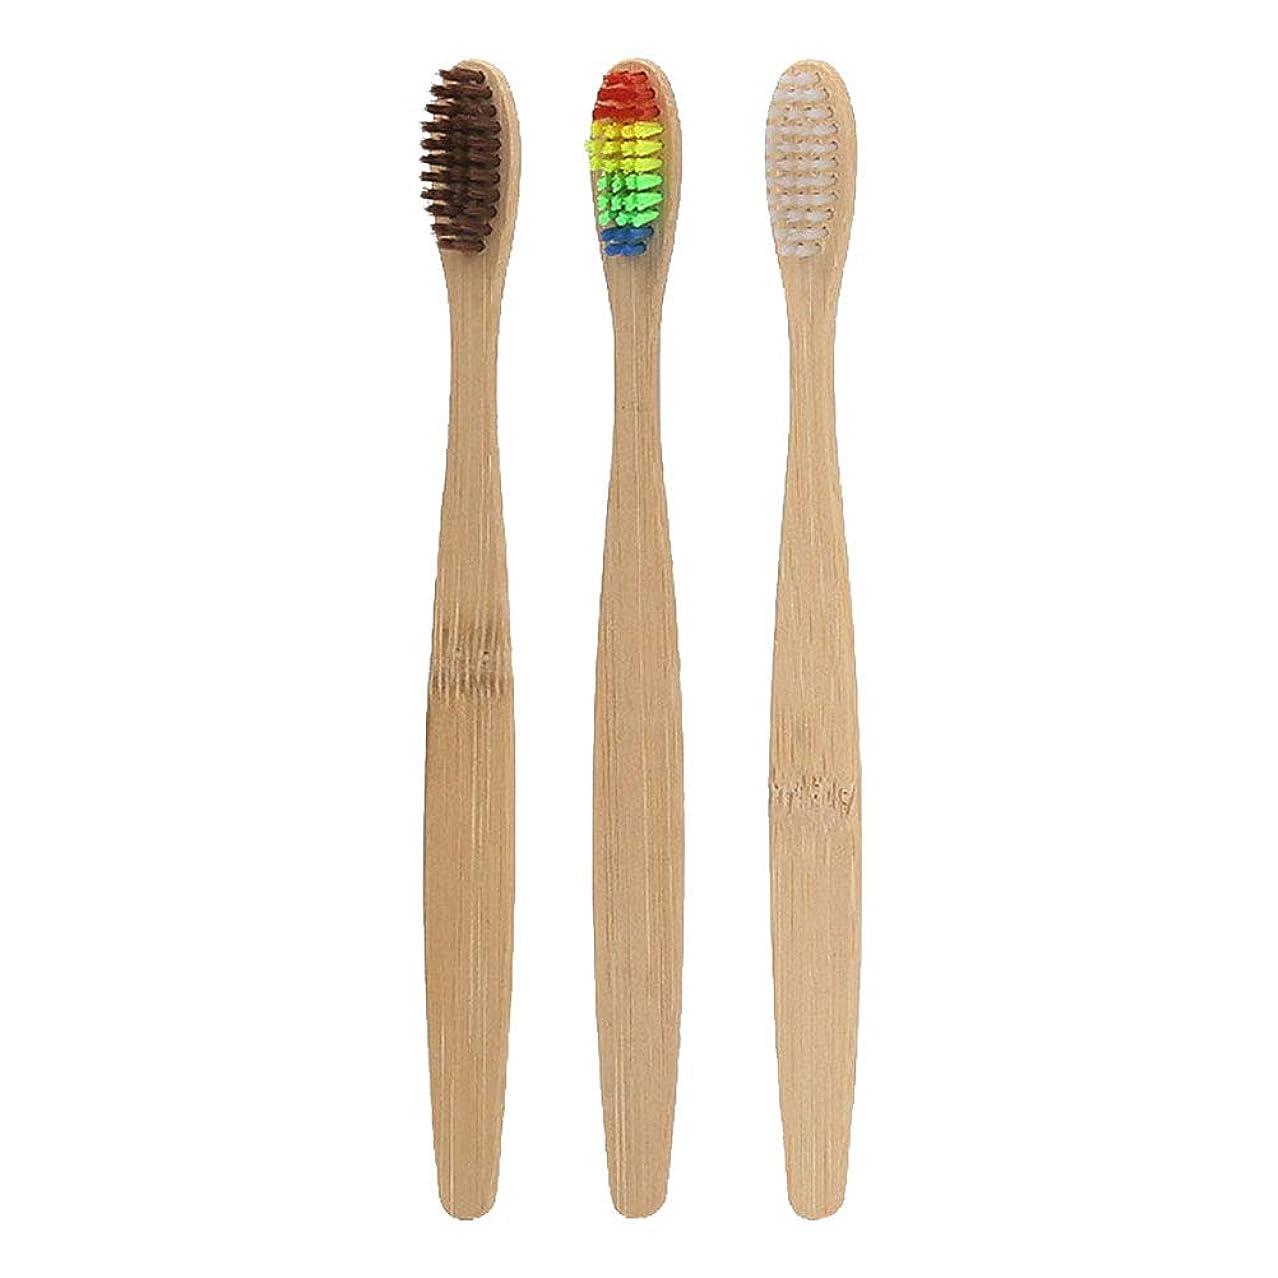 リビングルームケーキ悪夢Healifty 天然竹製の歯ブラシ環境に優しい竹製の歯ブラシ3本